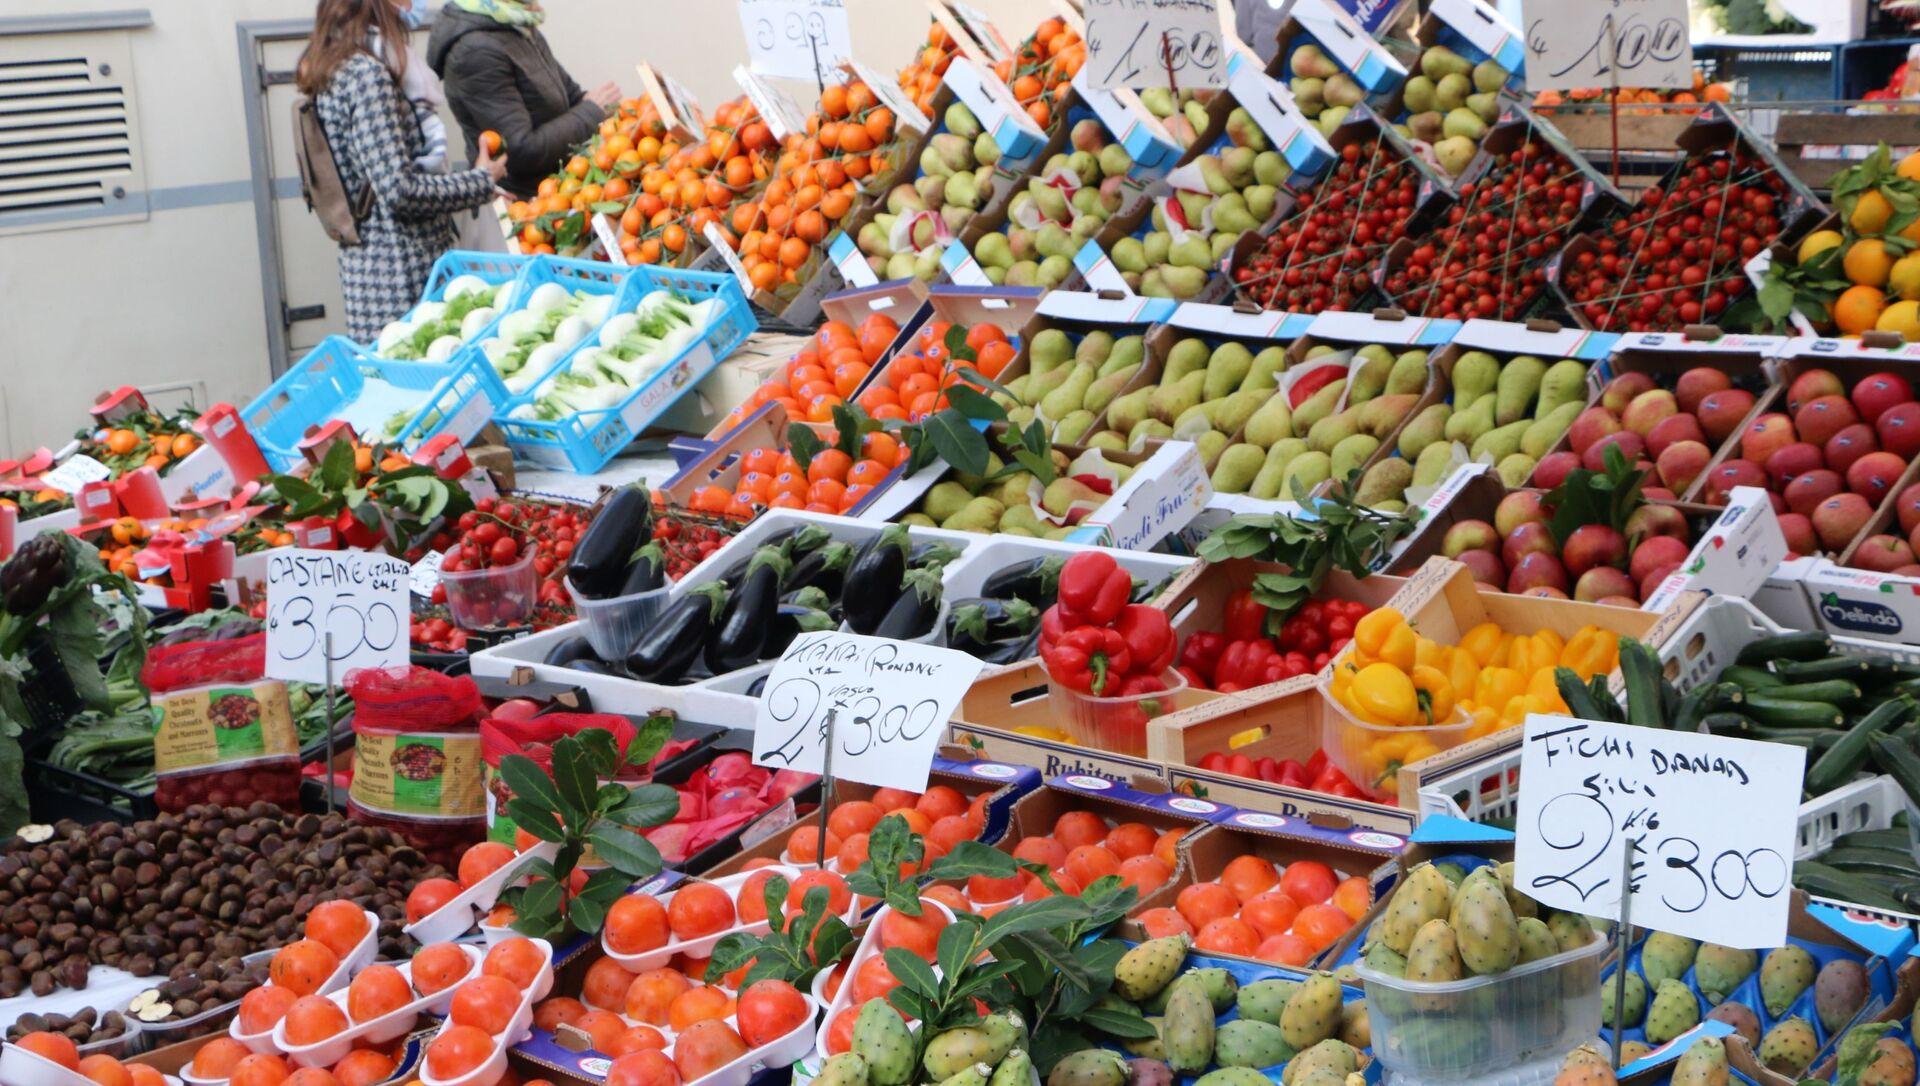 Frutta e verdura - Sputnik Italia, 1920, 07.04.2021